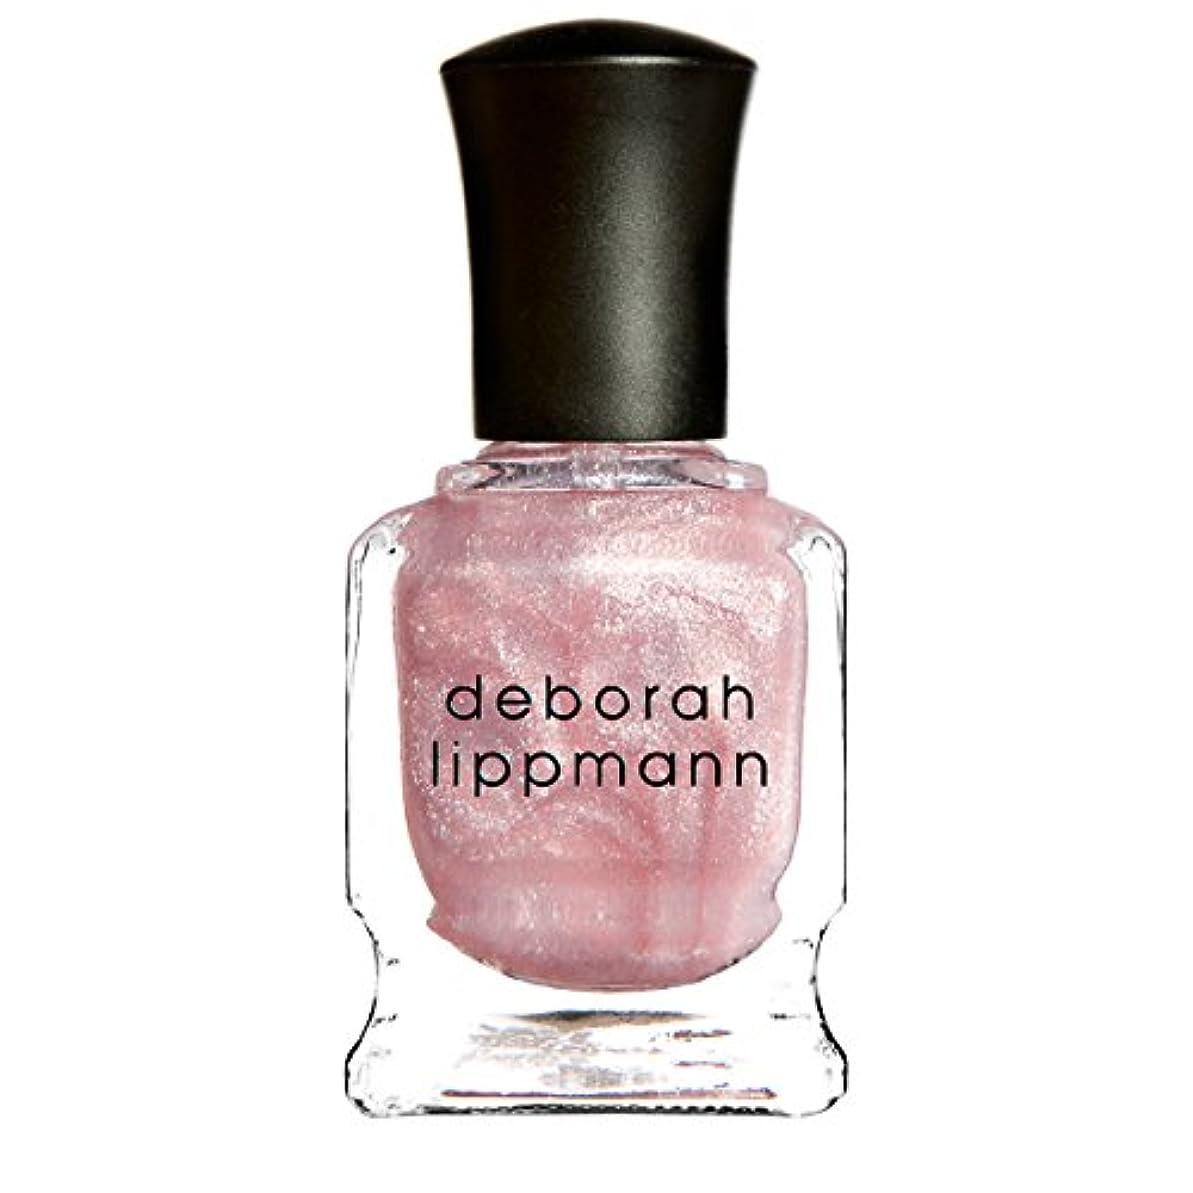 ロバペイン好奇心[Deborah Lippmann] デボラリップマン ポリッシュ ピンク系 15mL (ホワットエバー ローラ ウォンツ)